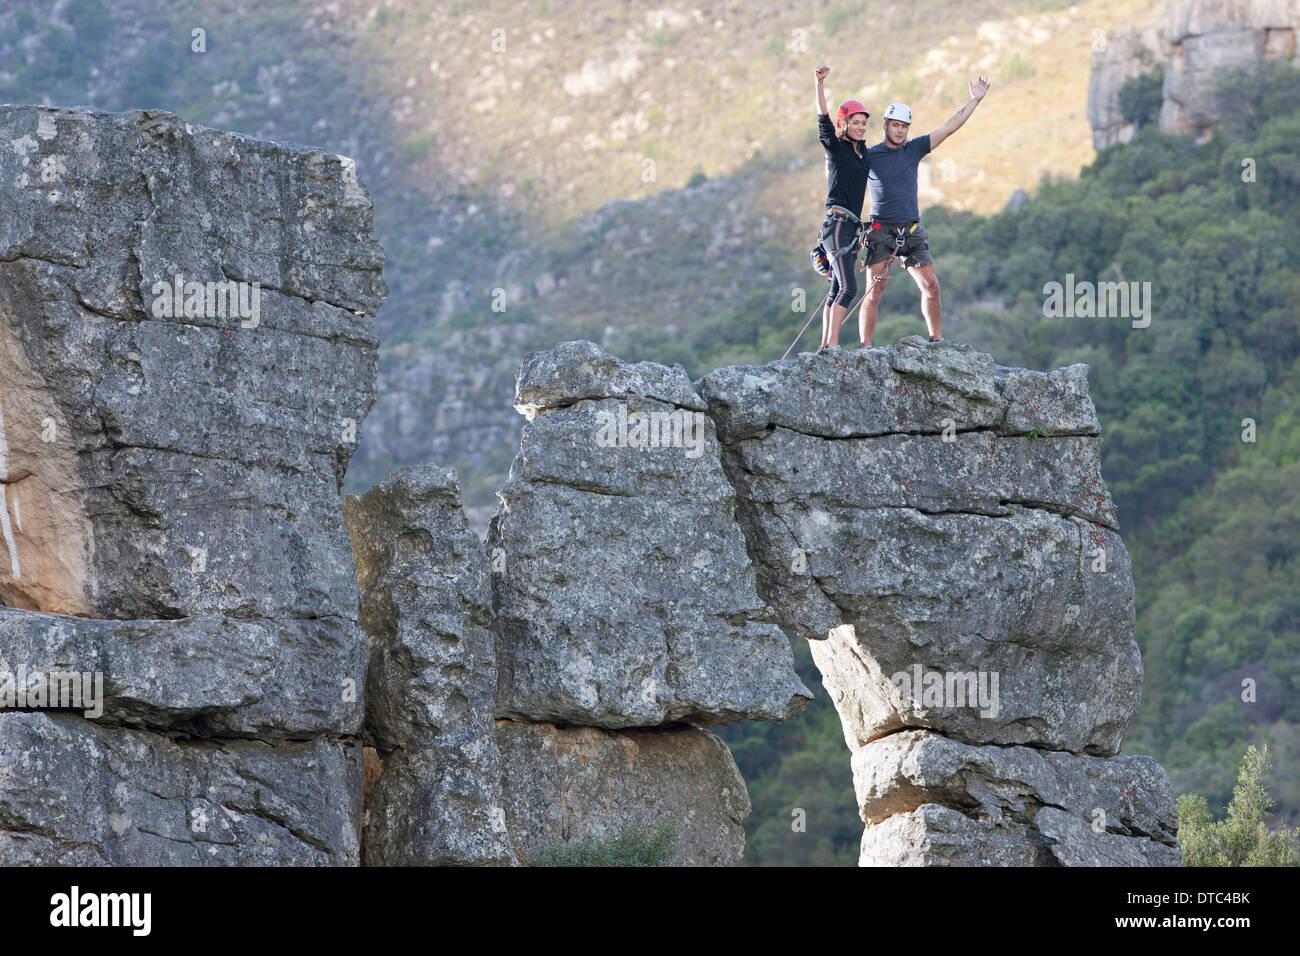 Escalada en roca joven pareja celebrando sobre formación de roca Imagen De Stock